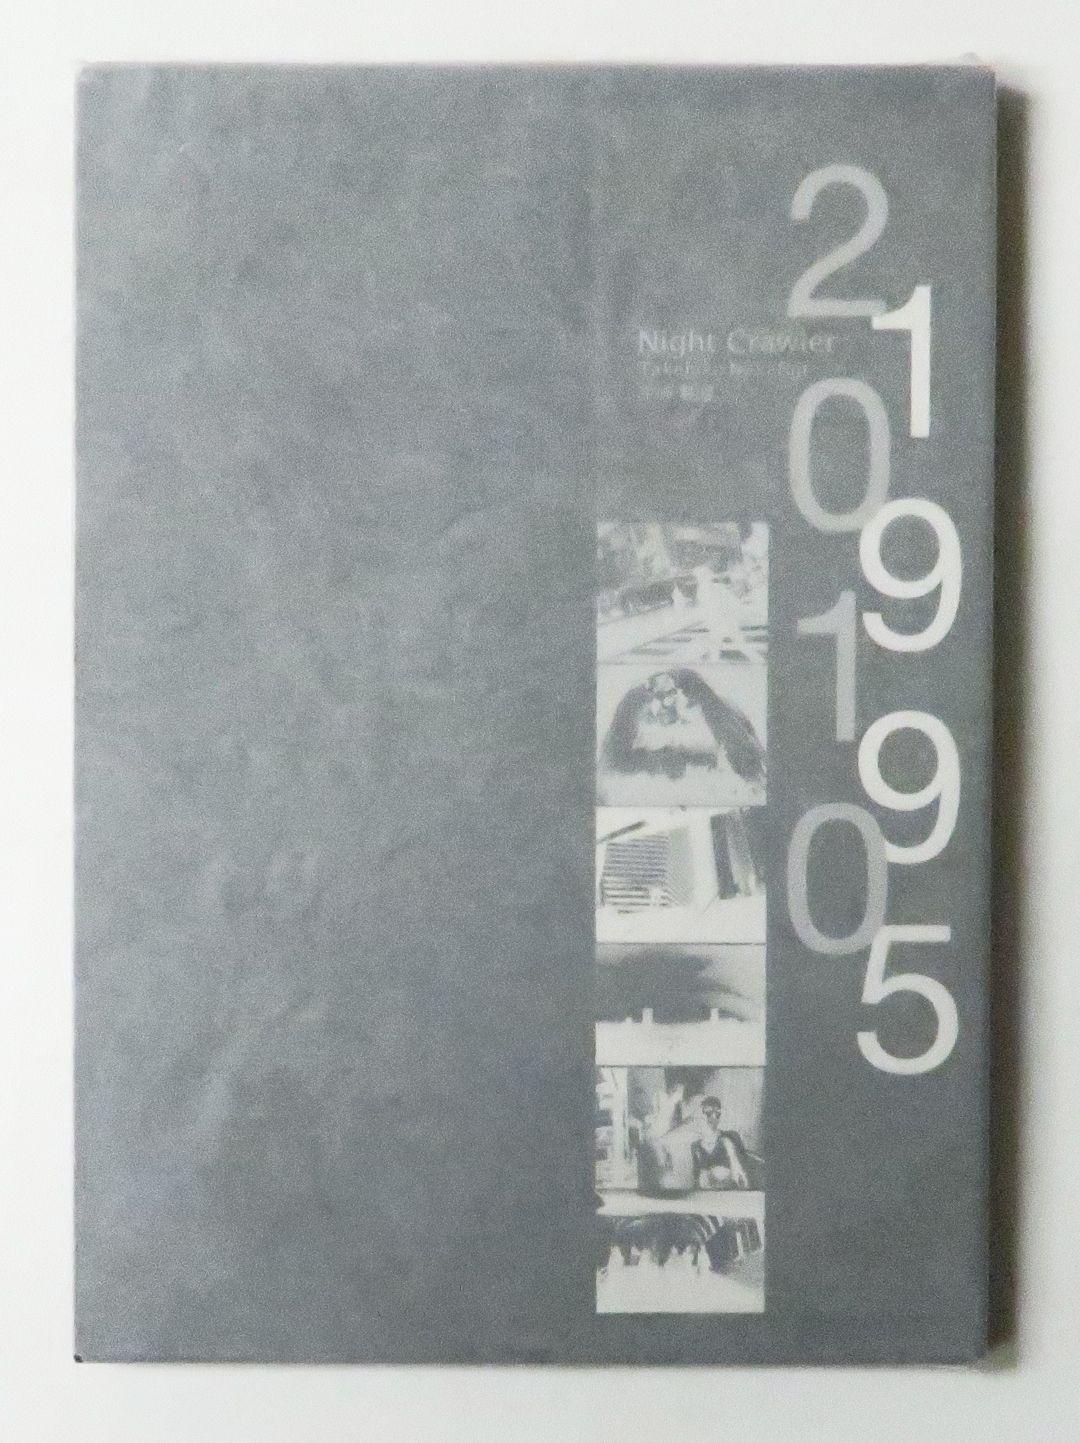 night crawler 1995 2010 中藤毅彦 so books ストリートスナップ 撮影 フィルム